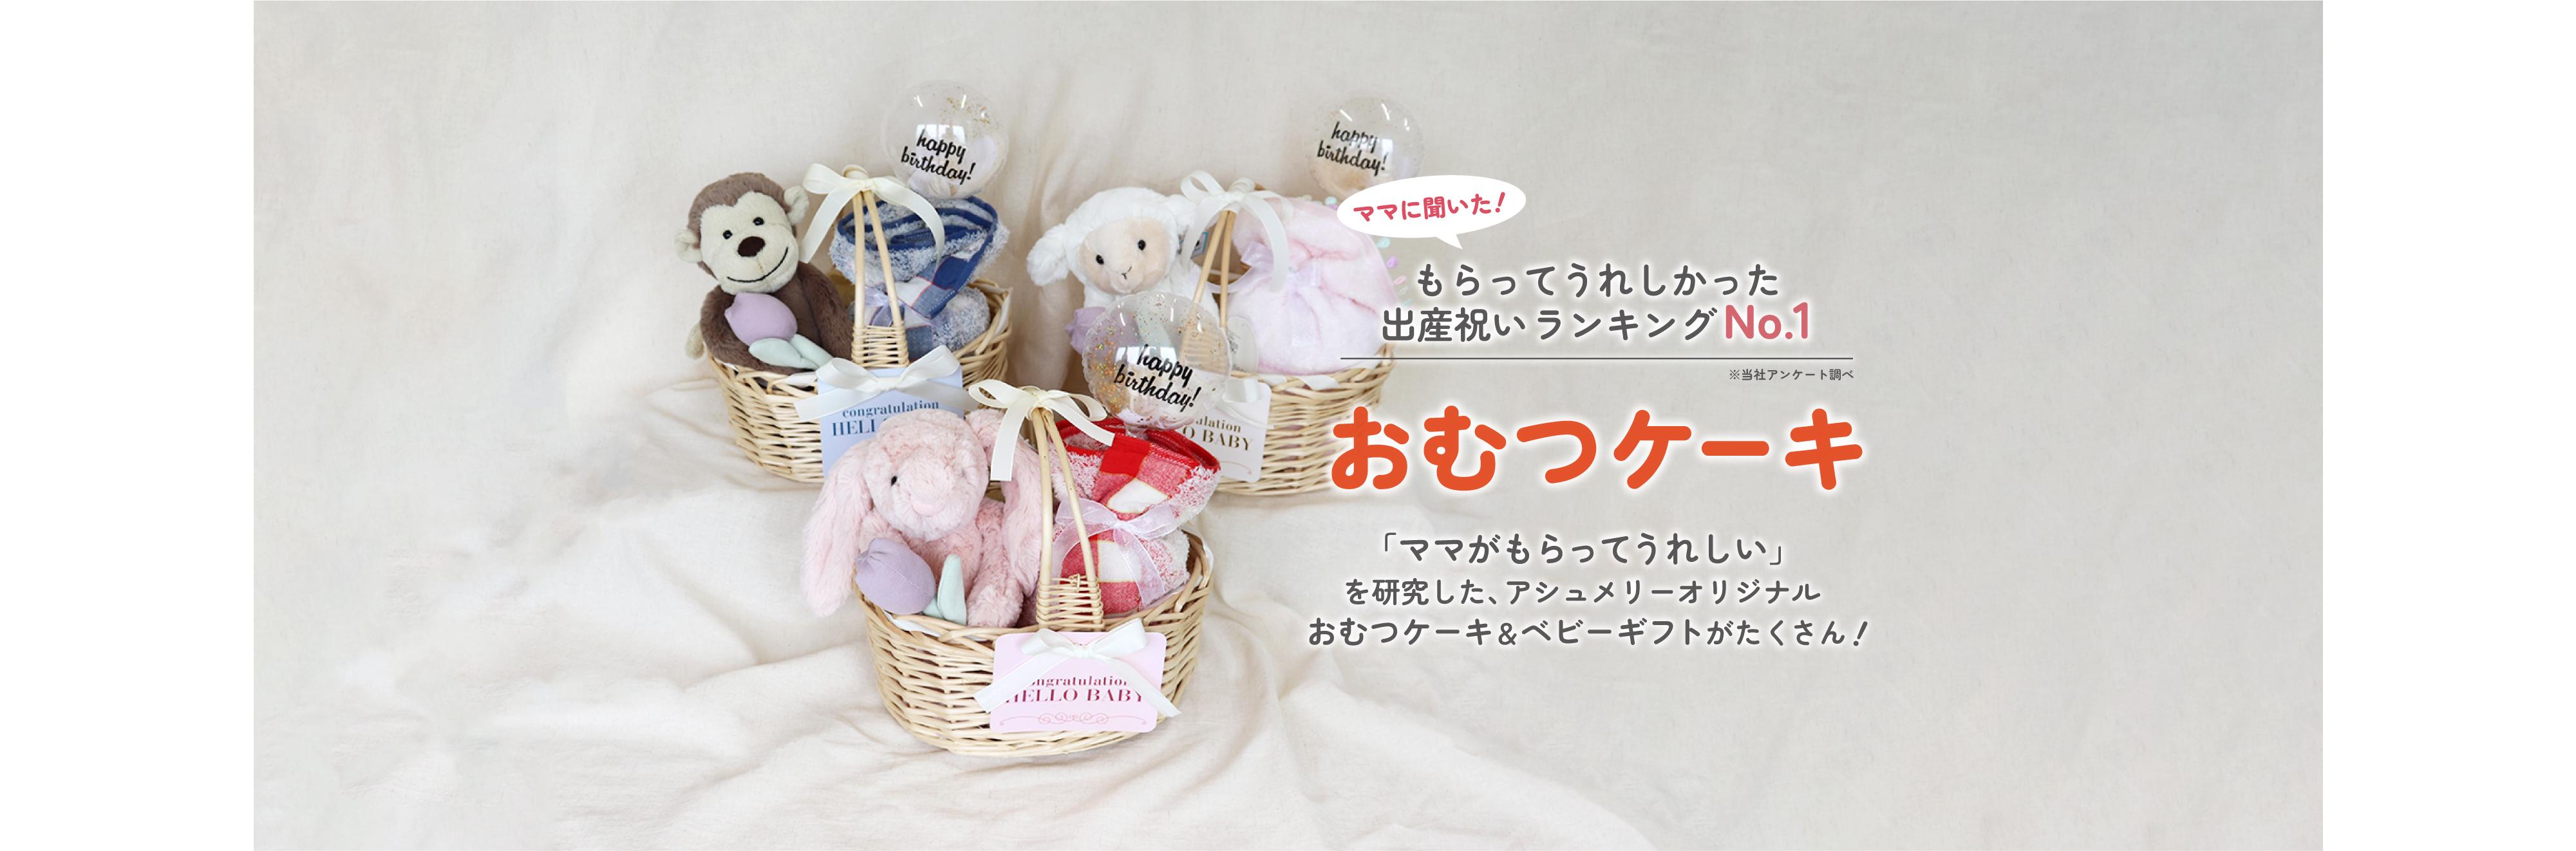 アシュメリーのクリスマスギフトで最高のクリスマスを!